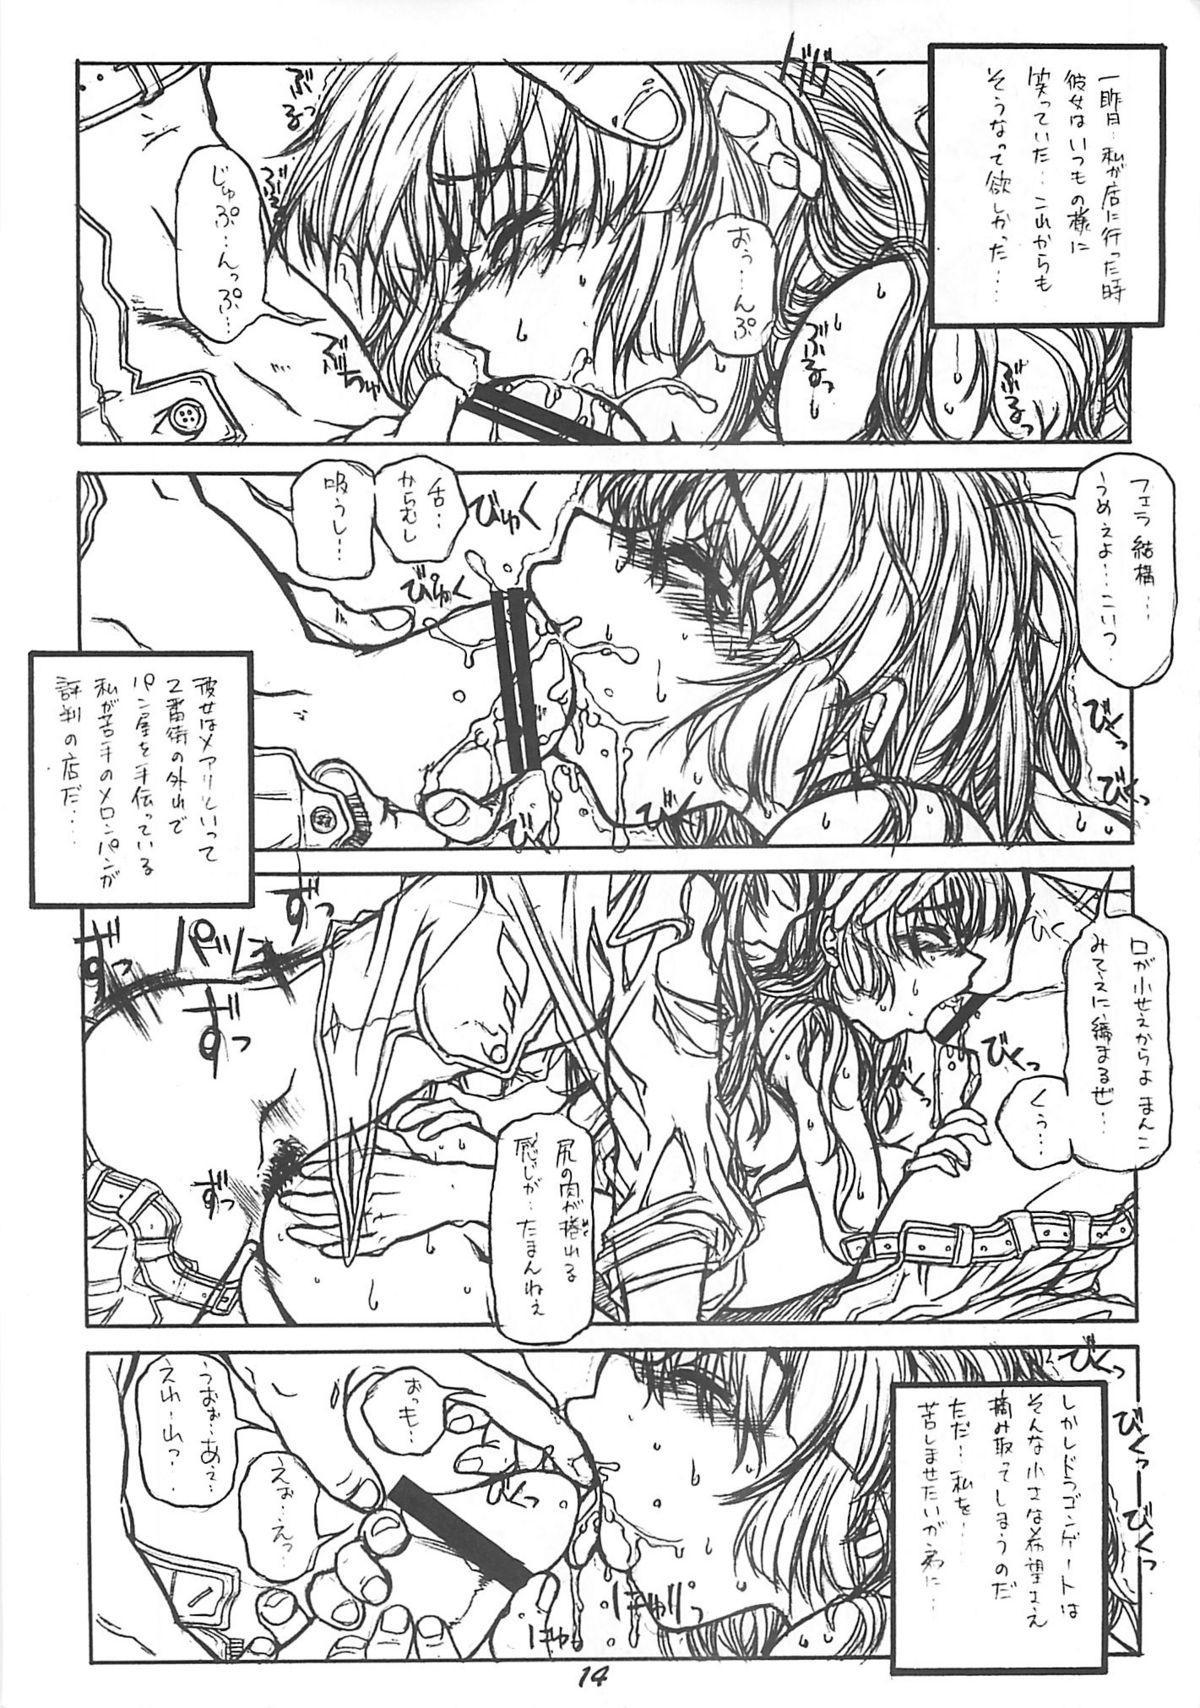 [Virgin Virus (Matsumi Jun)] Fukakutei Youso to Jinrui Kyuushi gaku no Mechanism ni kansuru Suitei Ronri (Kari) EPISODE MARY [5th Edition] 12